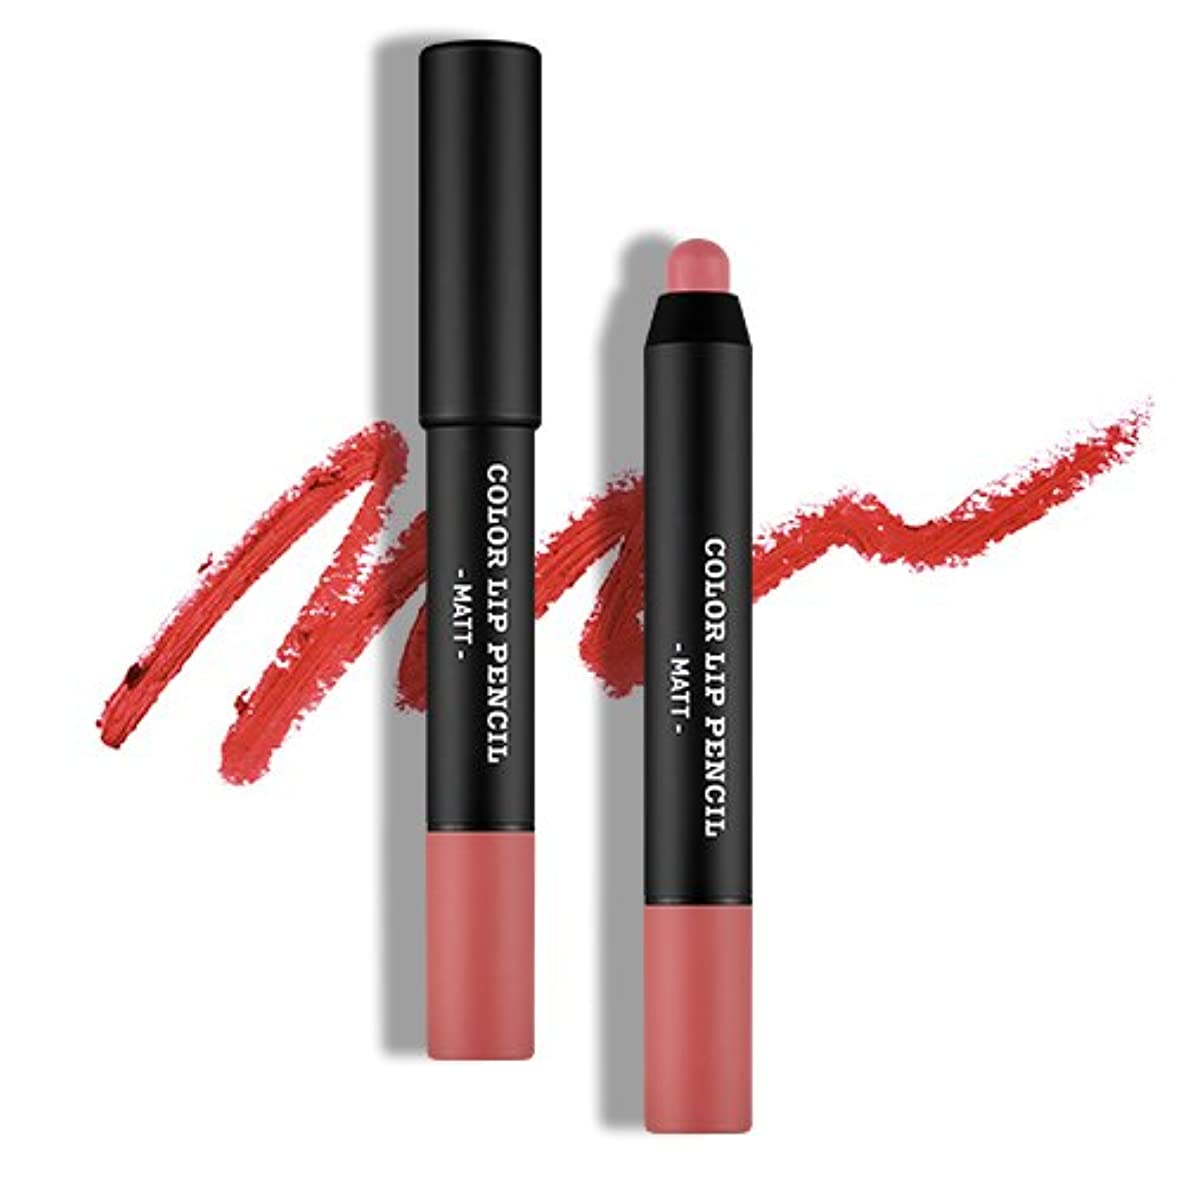 一口長椅子のスコア[韓国コスメ Apieu] [オピュ] カラーリップペンシル(マット) [Apieu] Color Lip Pencil(Matt) (CR02) [並行輸入品]